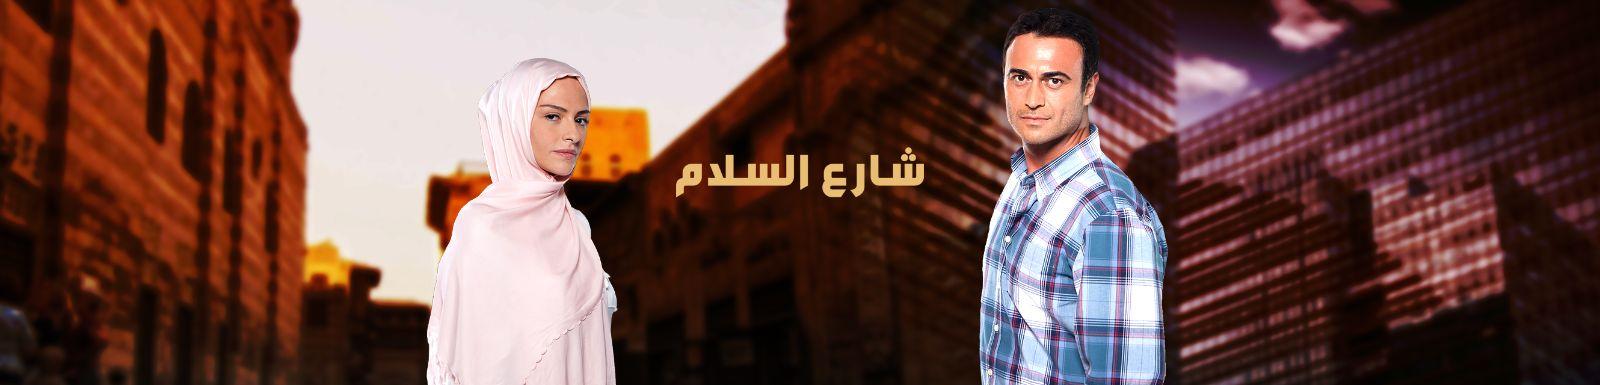 تحميل مسلسل شارع السلام الحلقة 85 MBC shahid شاهد نت